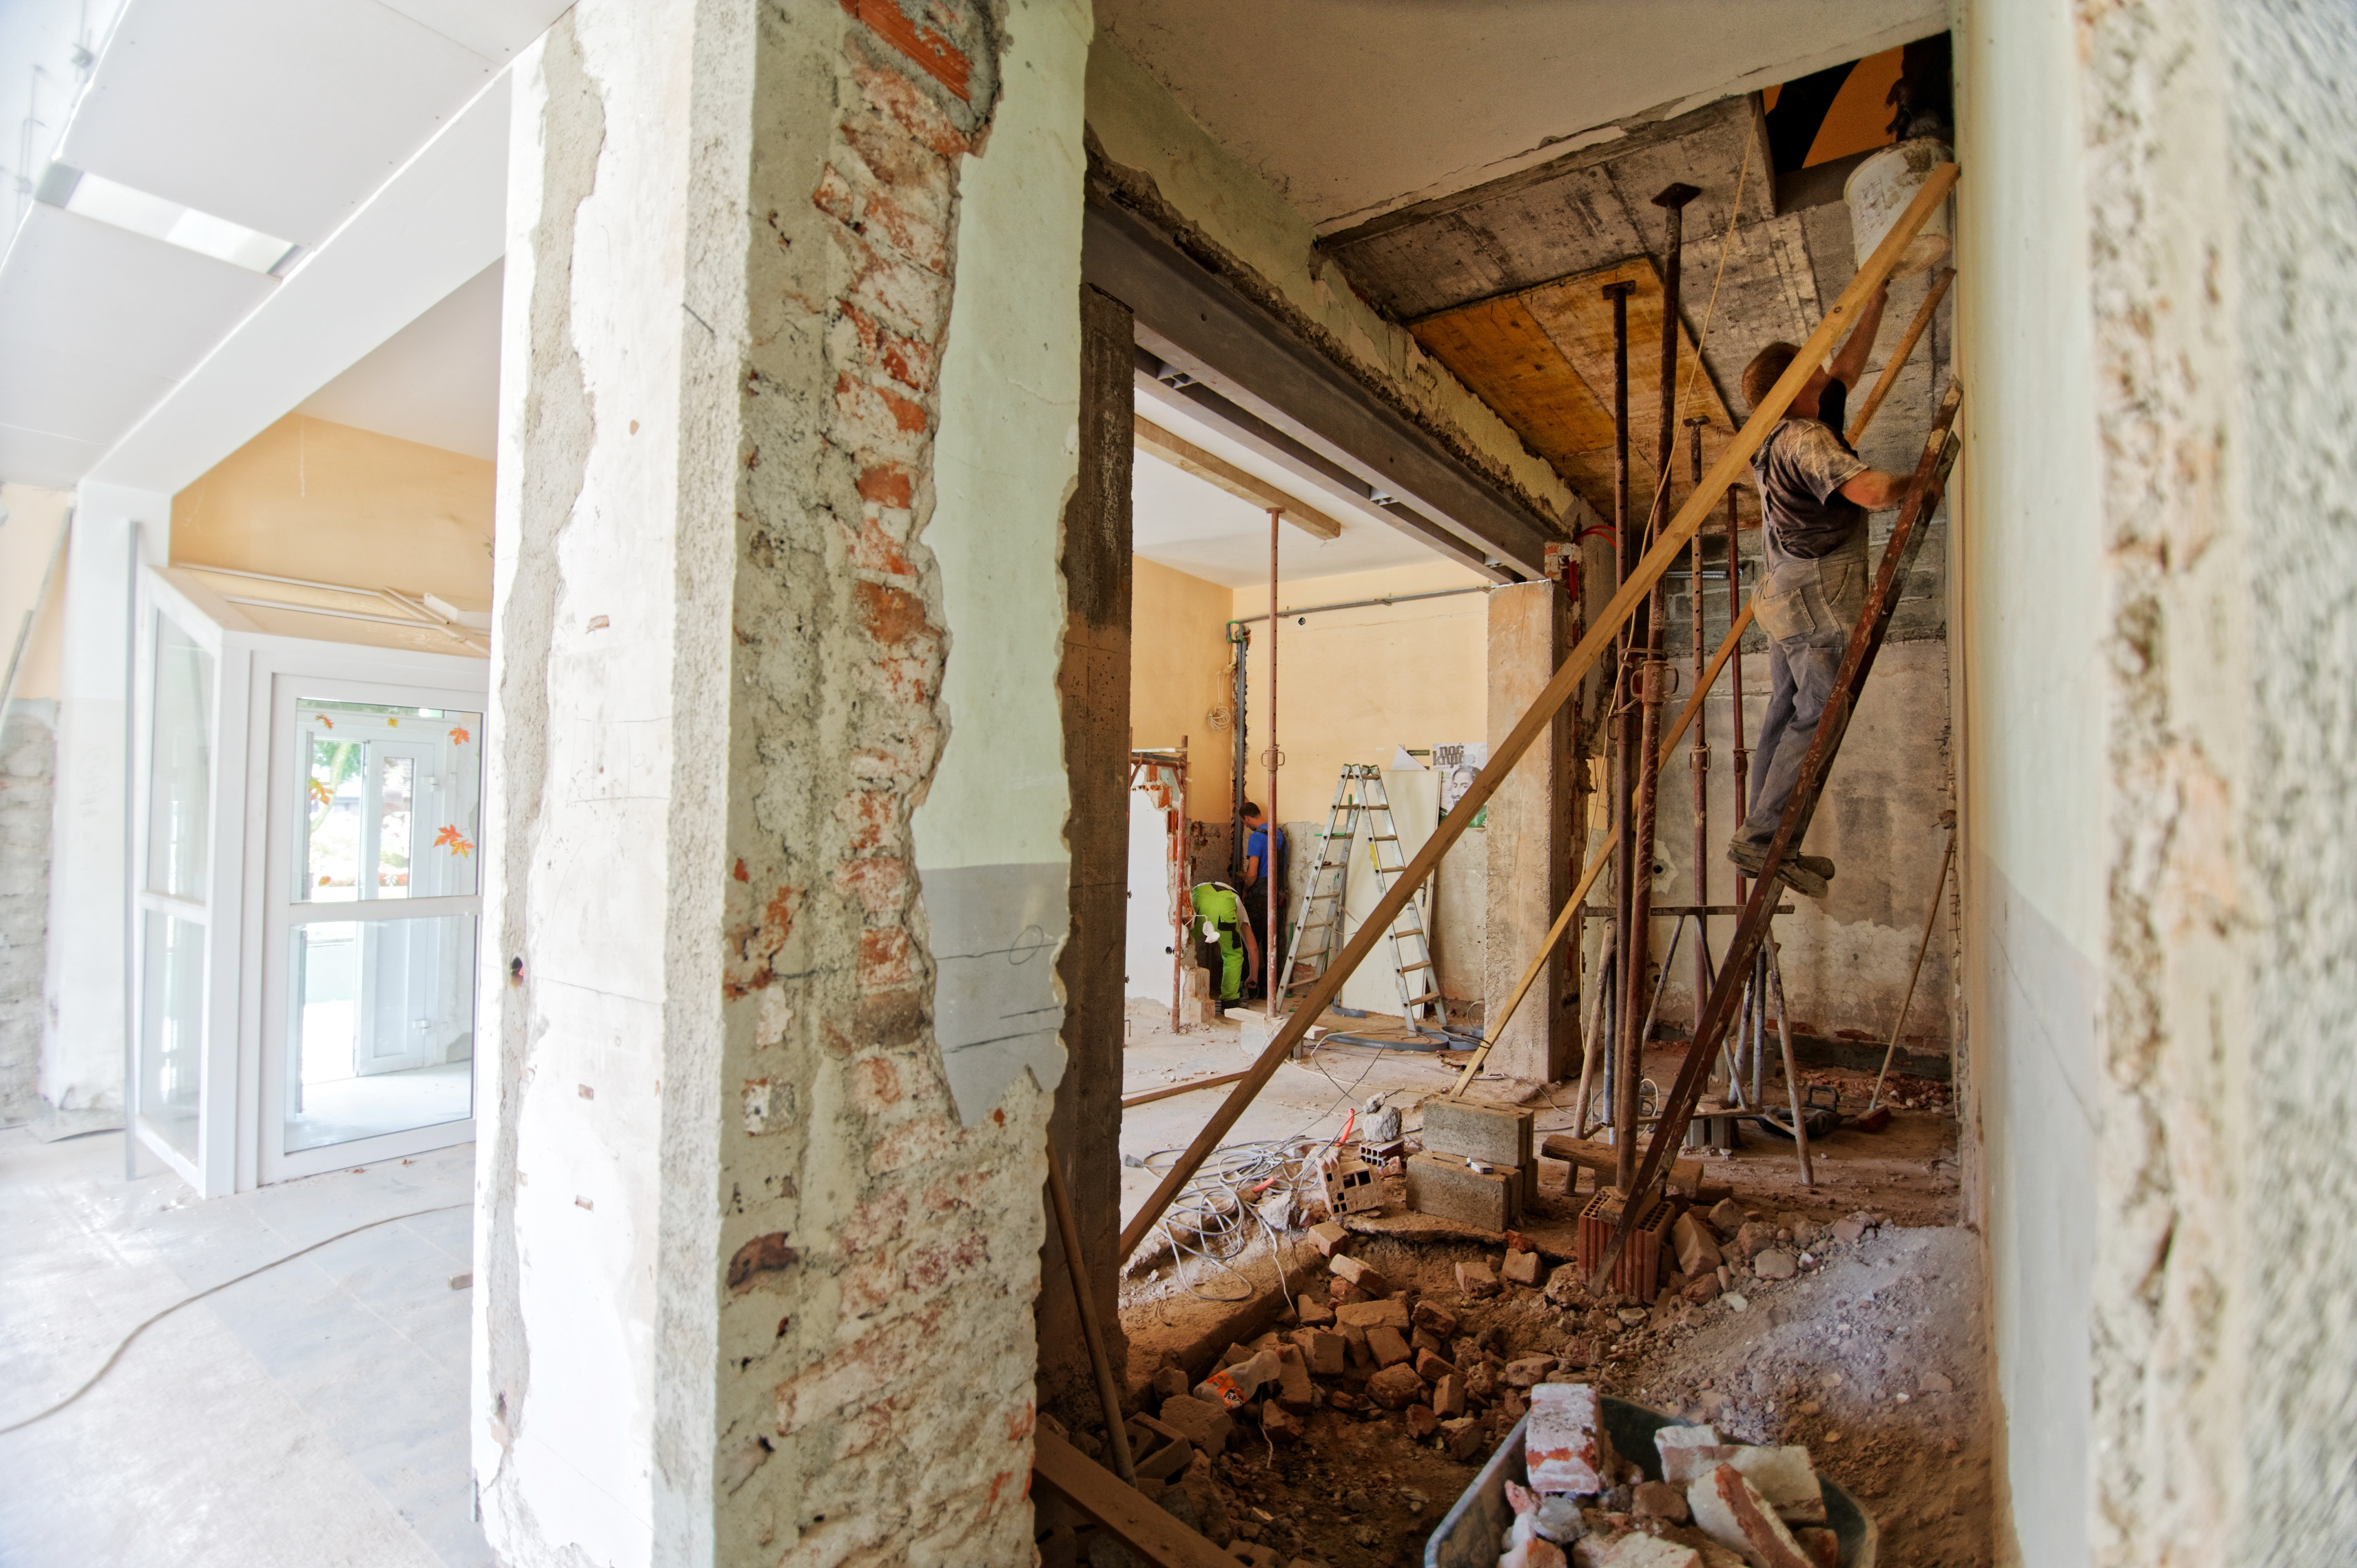 Standard Mieszkania Czy Remont Przed Sprzedażą Się Opłaca Blog U1